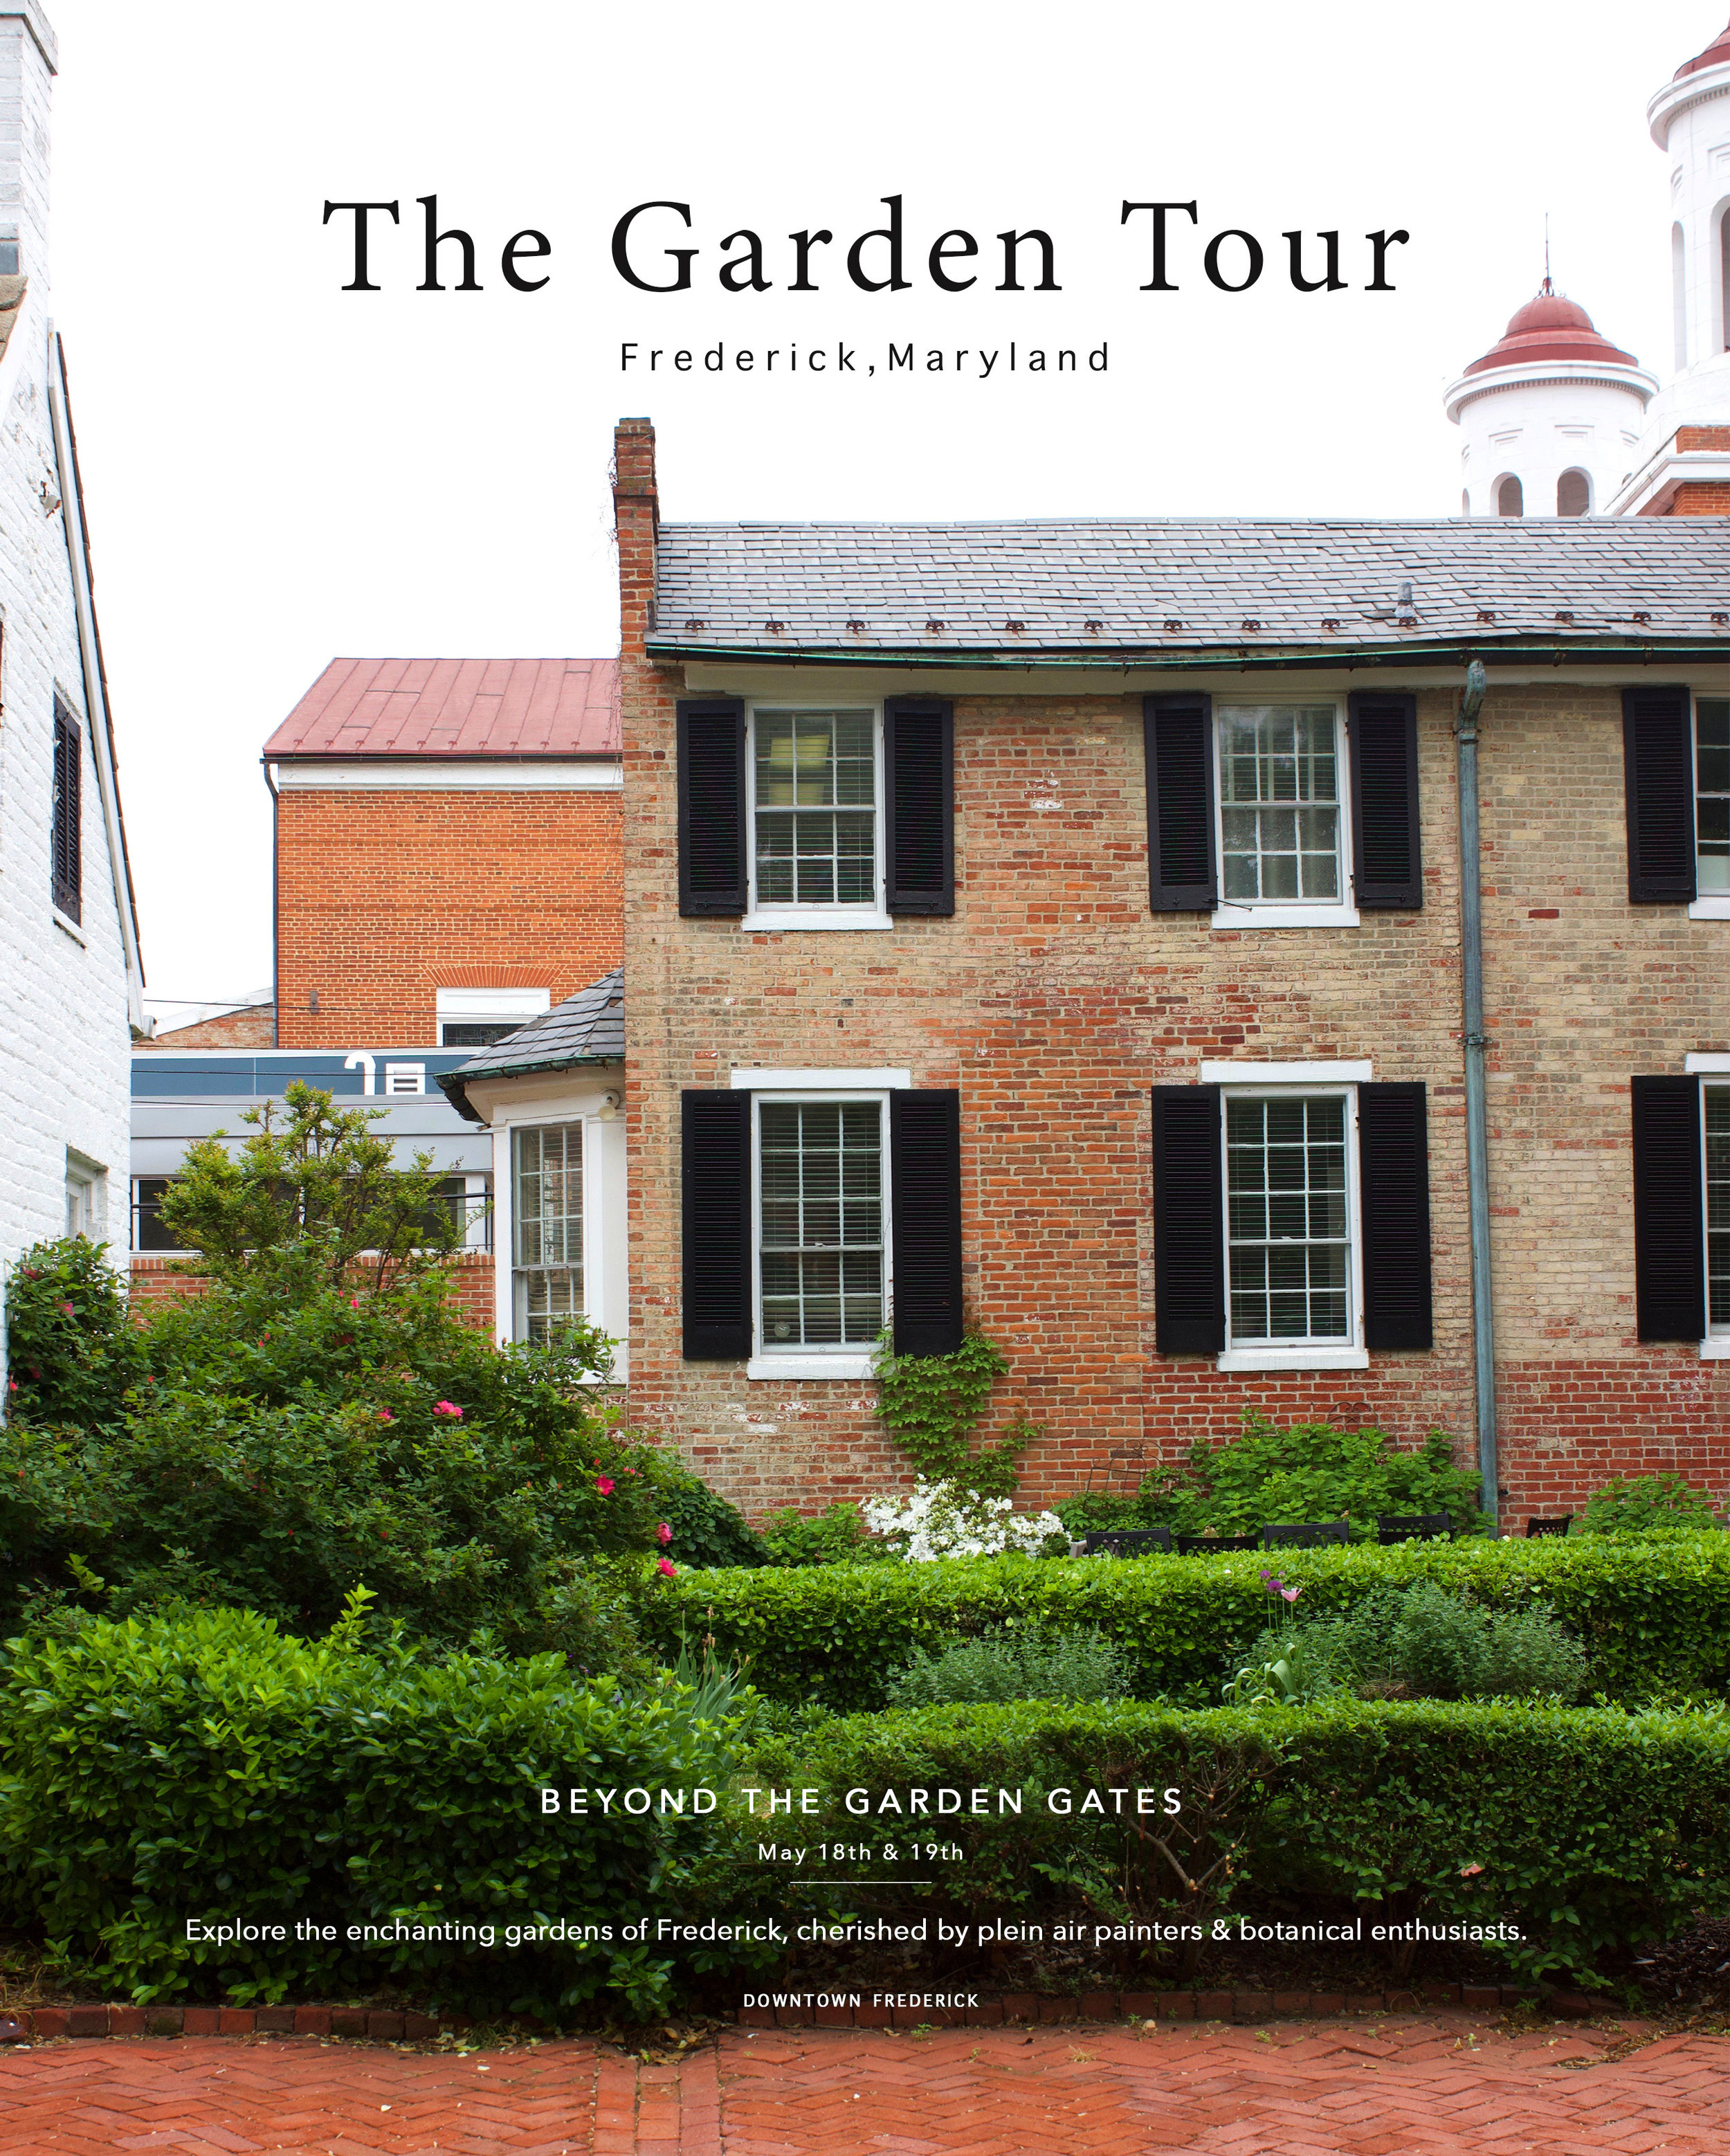 Garden-tour2.jpg